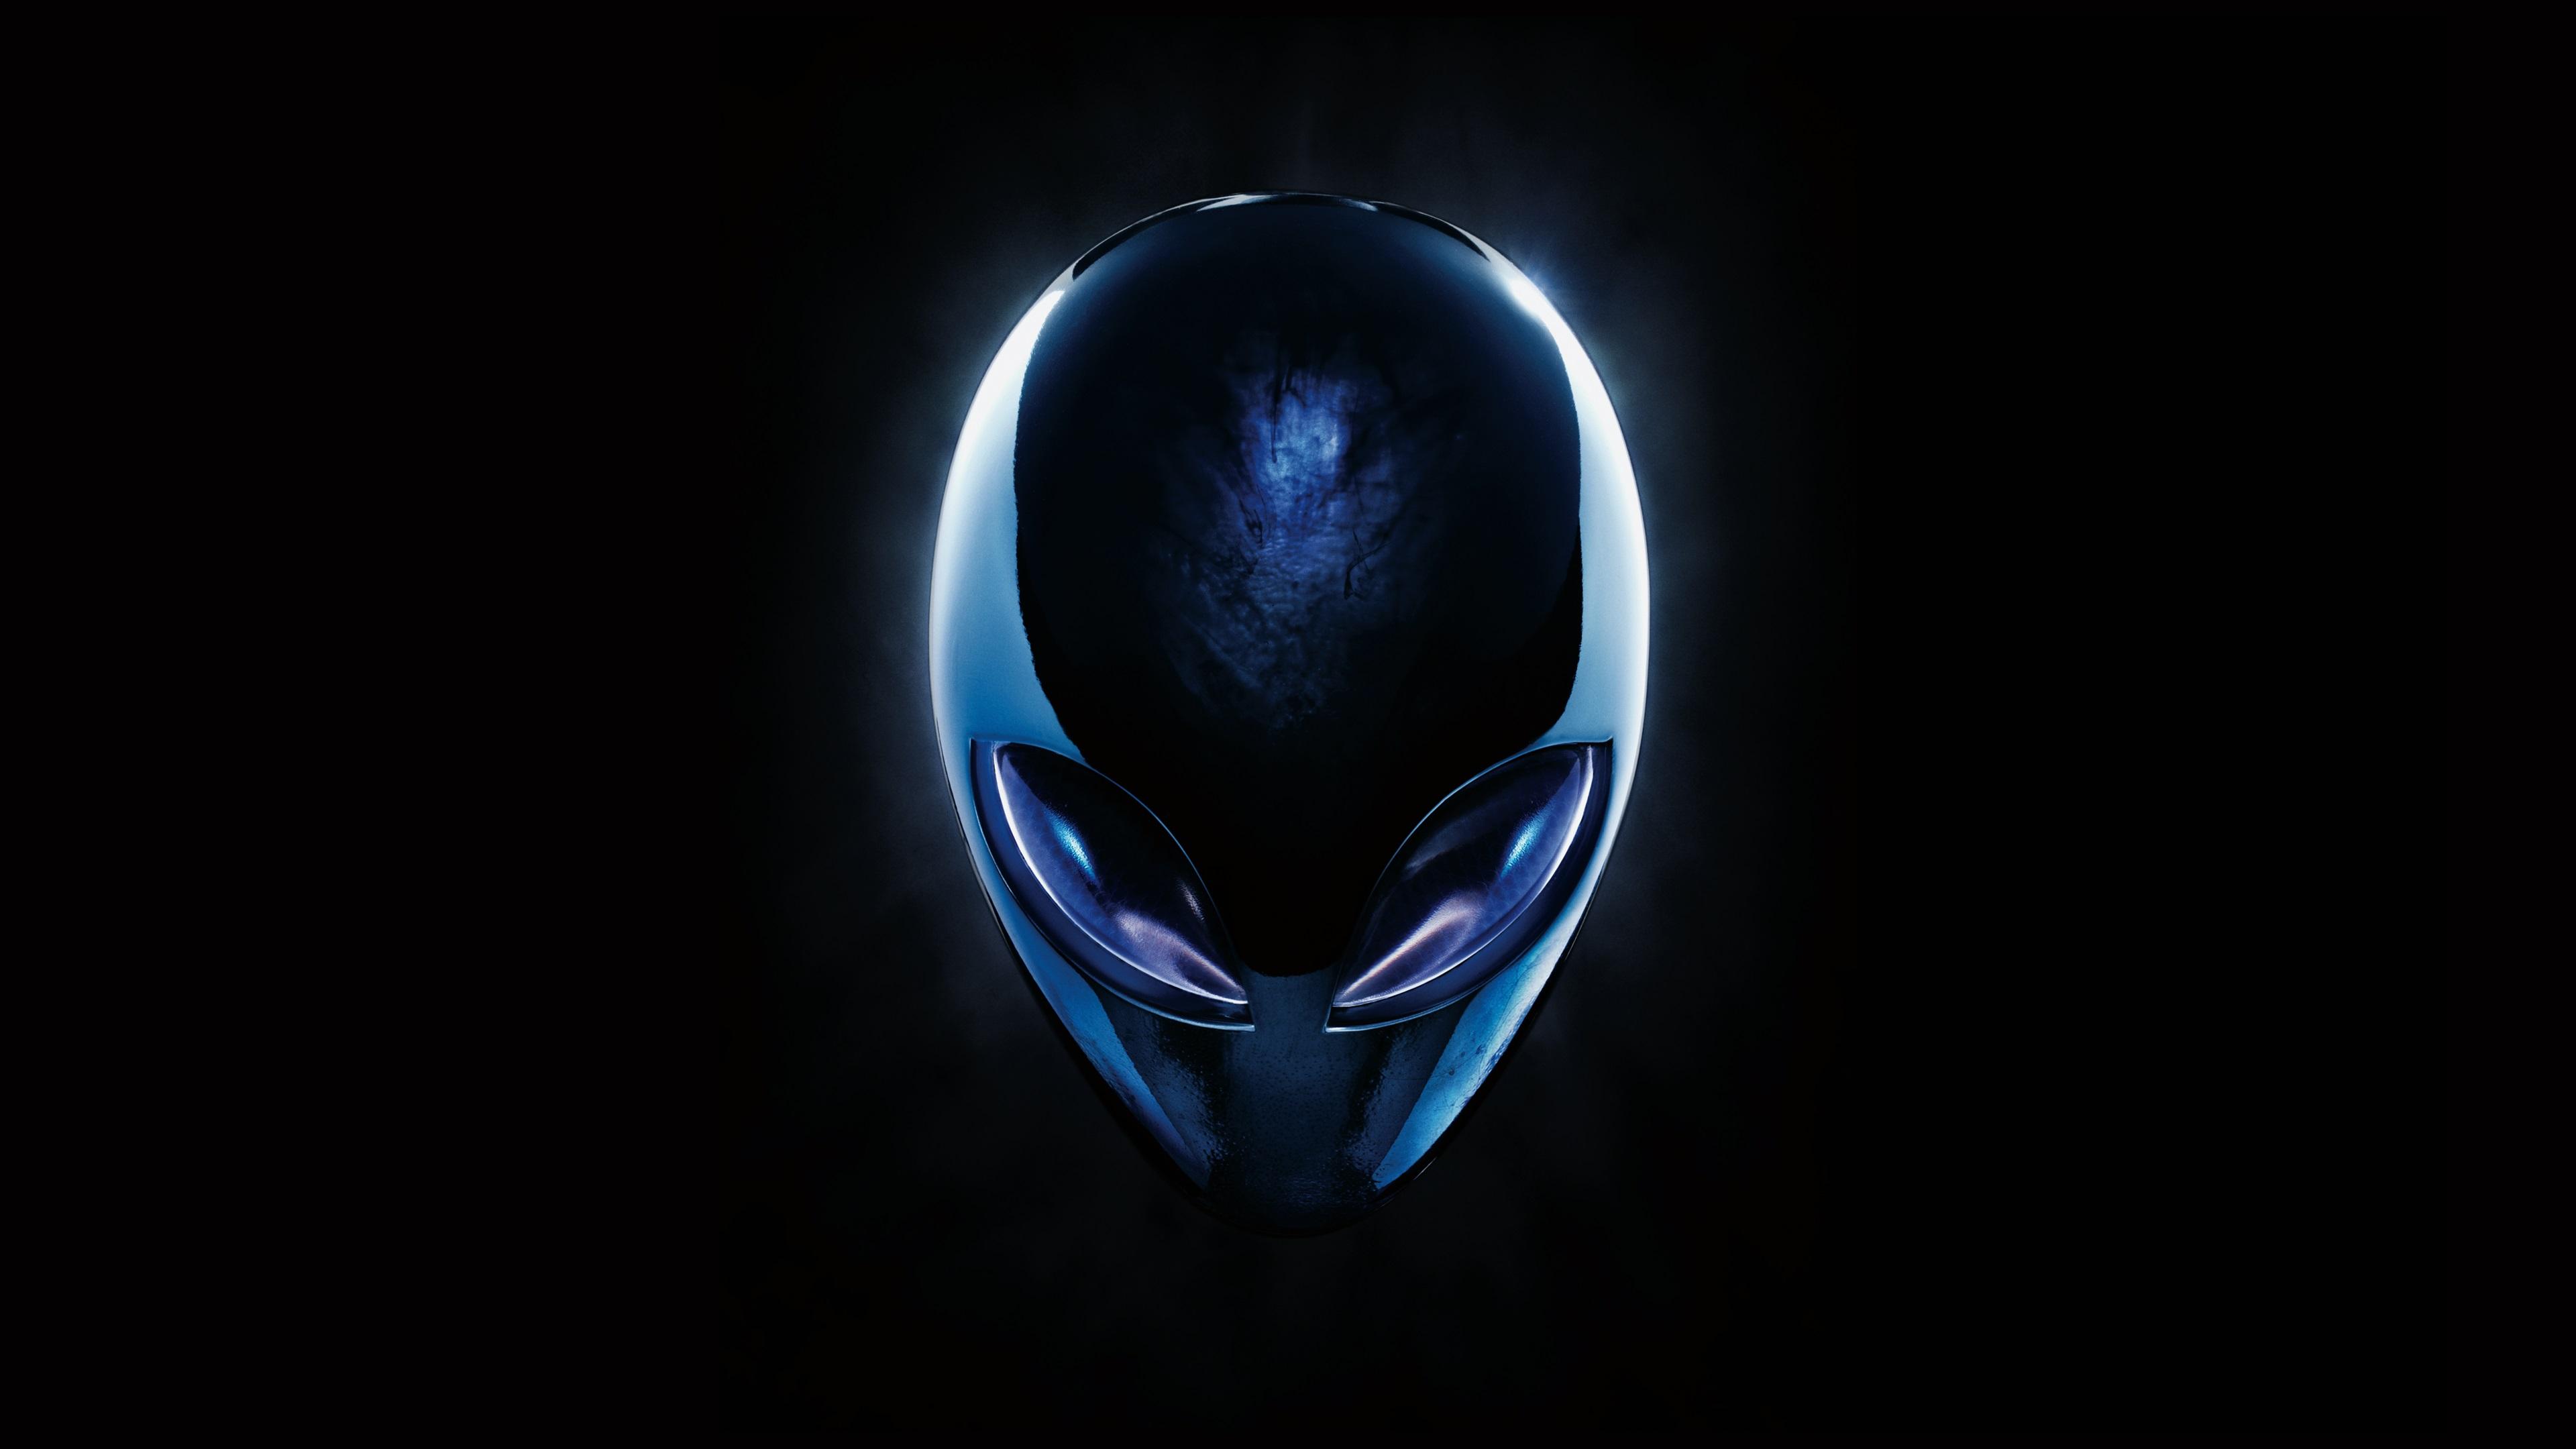 壁紙 Alienwareのロゴ 3840x2160 Uhd 4k 無料のデスクトップの背景 画像